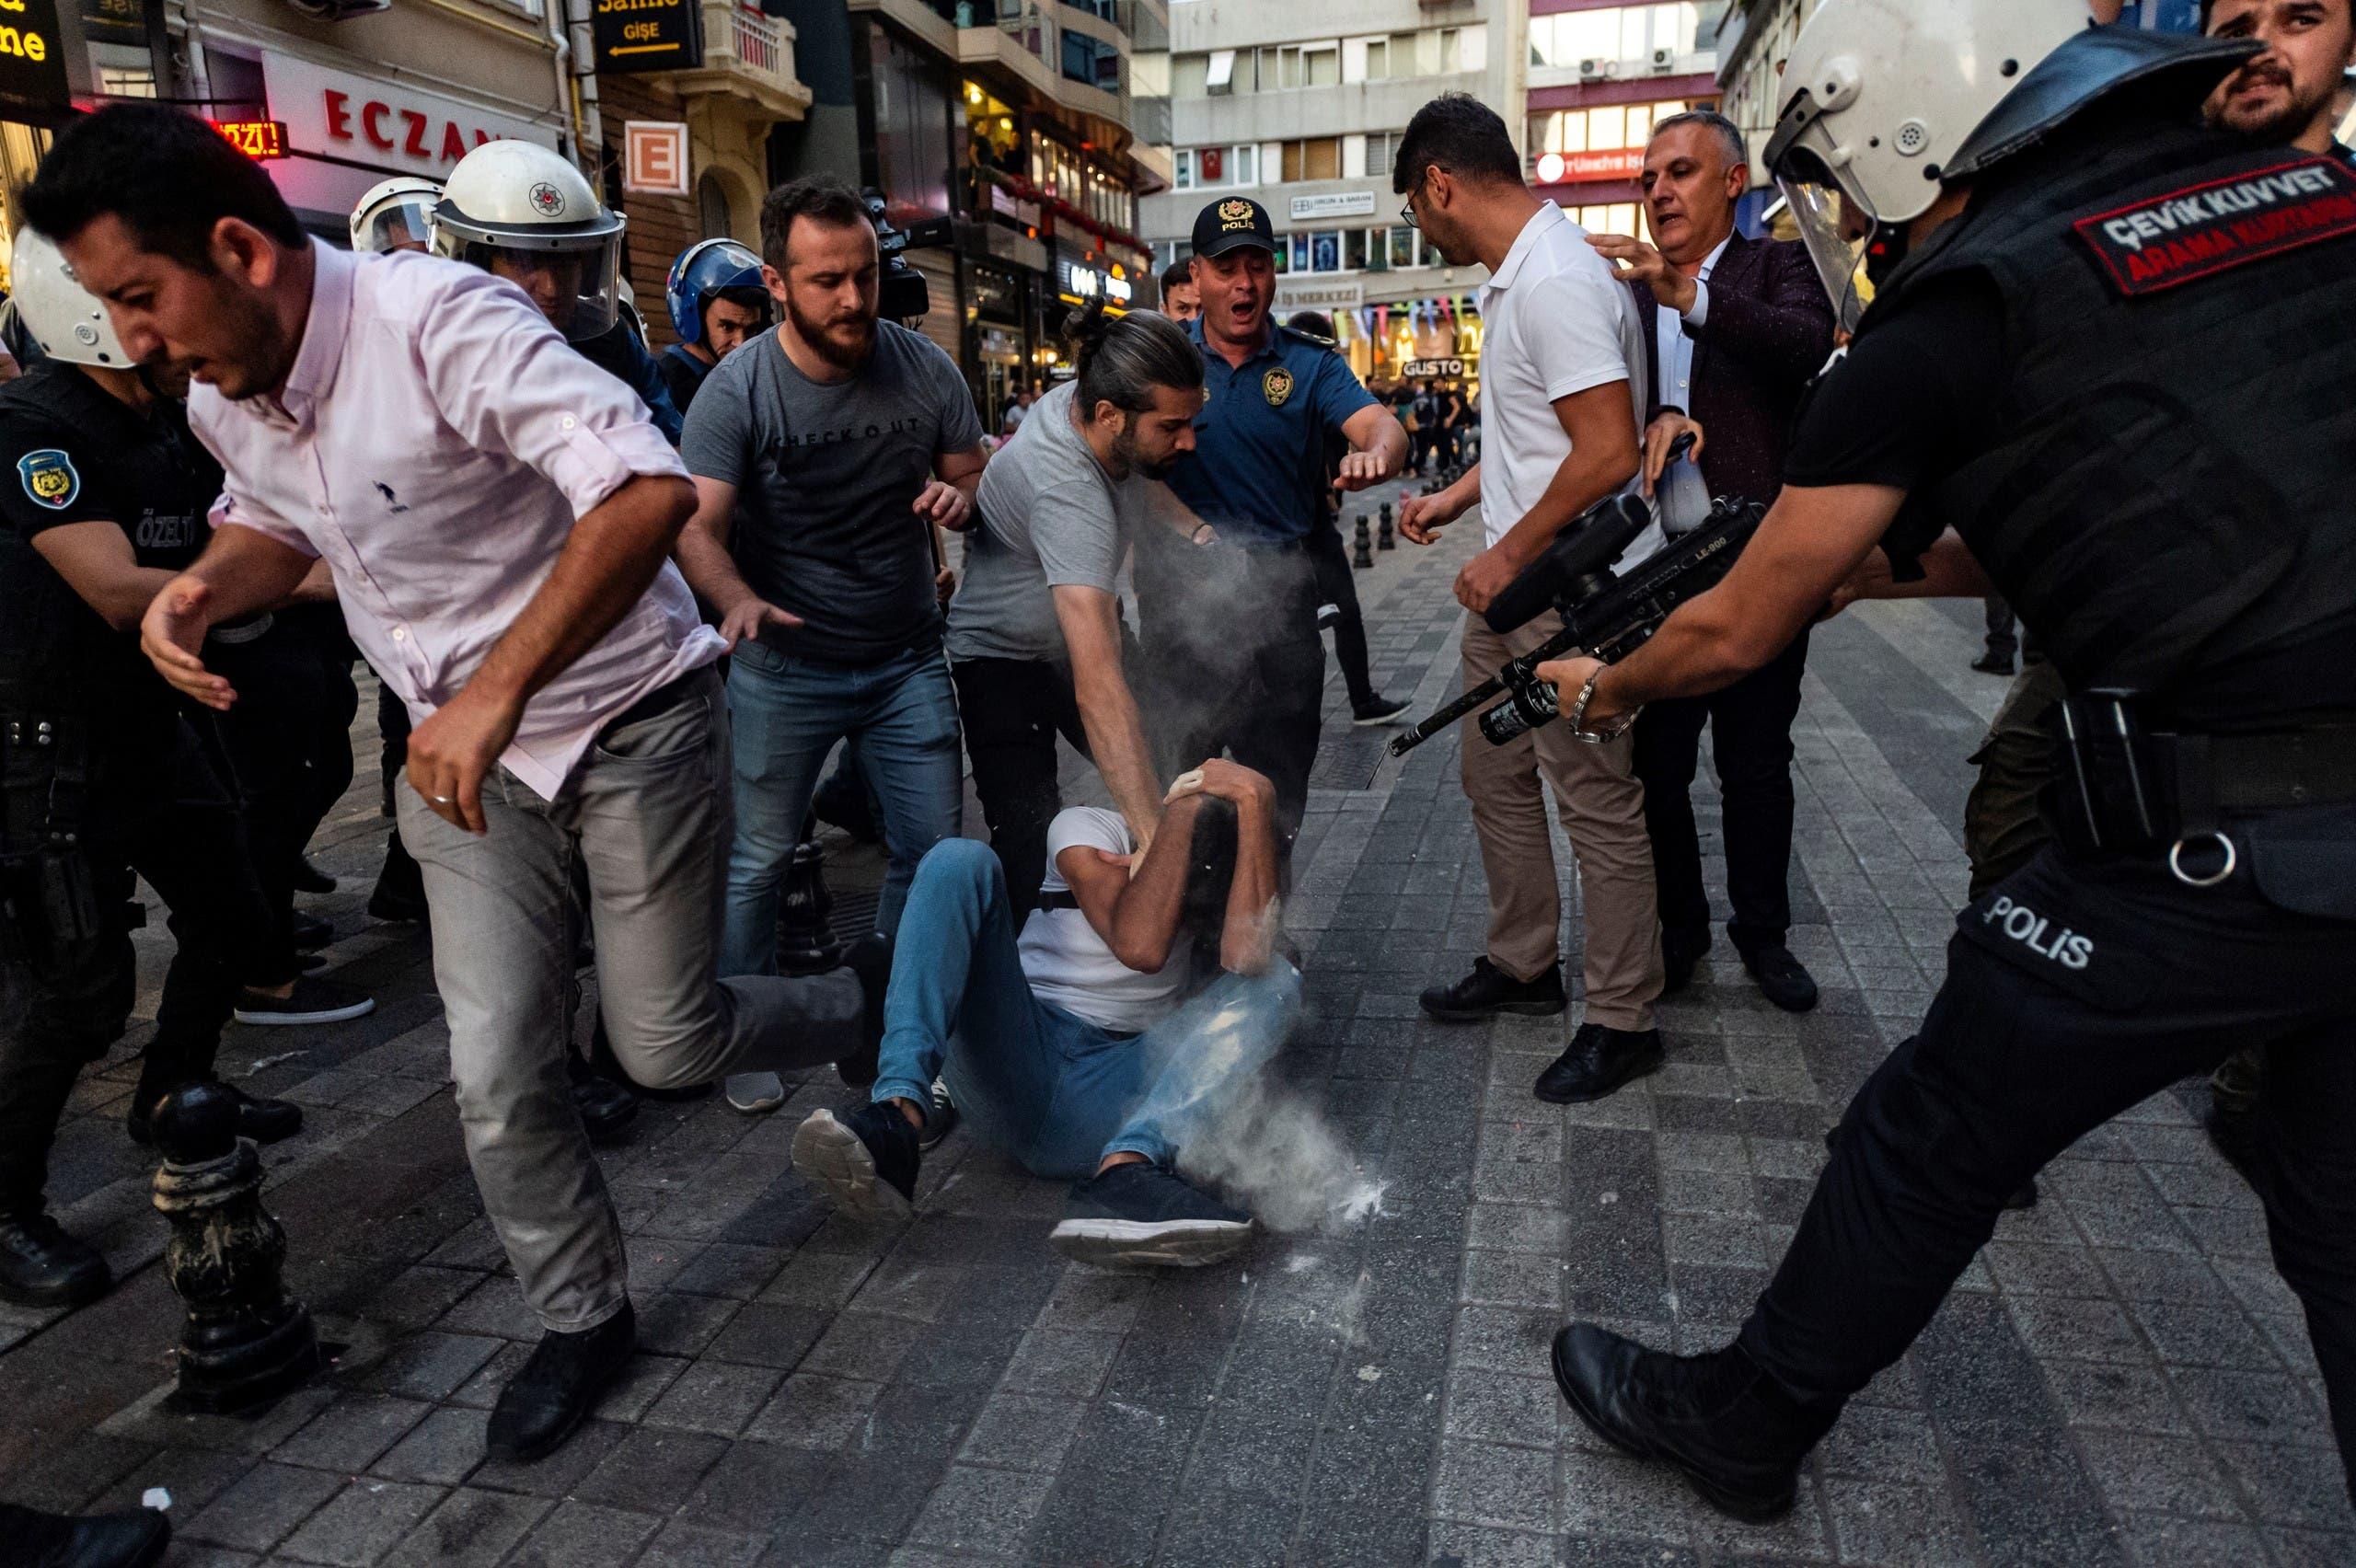 تظاهرات في اسطنبول ضد إقالة رؤساء البلديات الثلاث